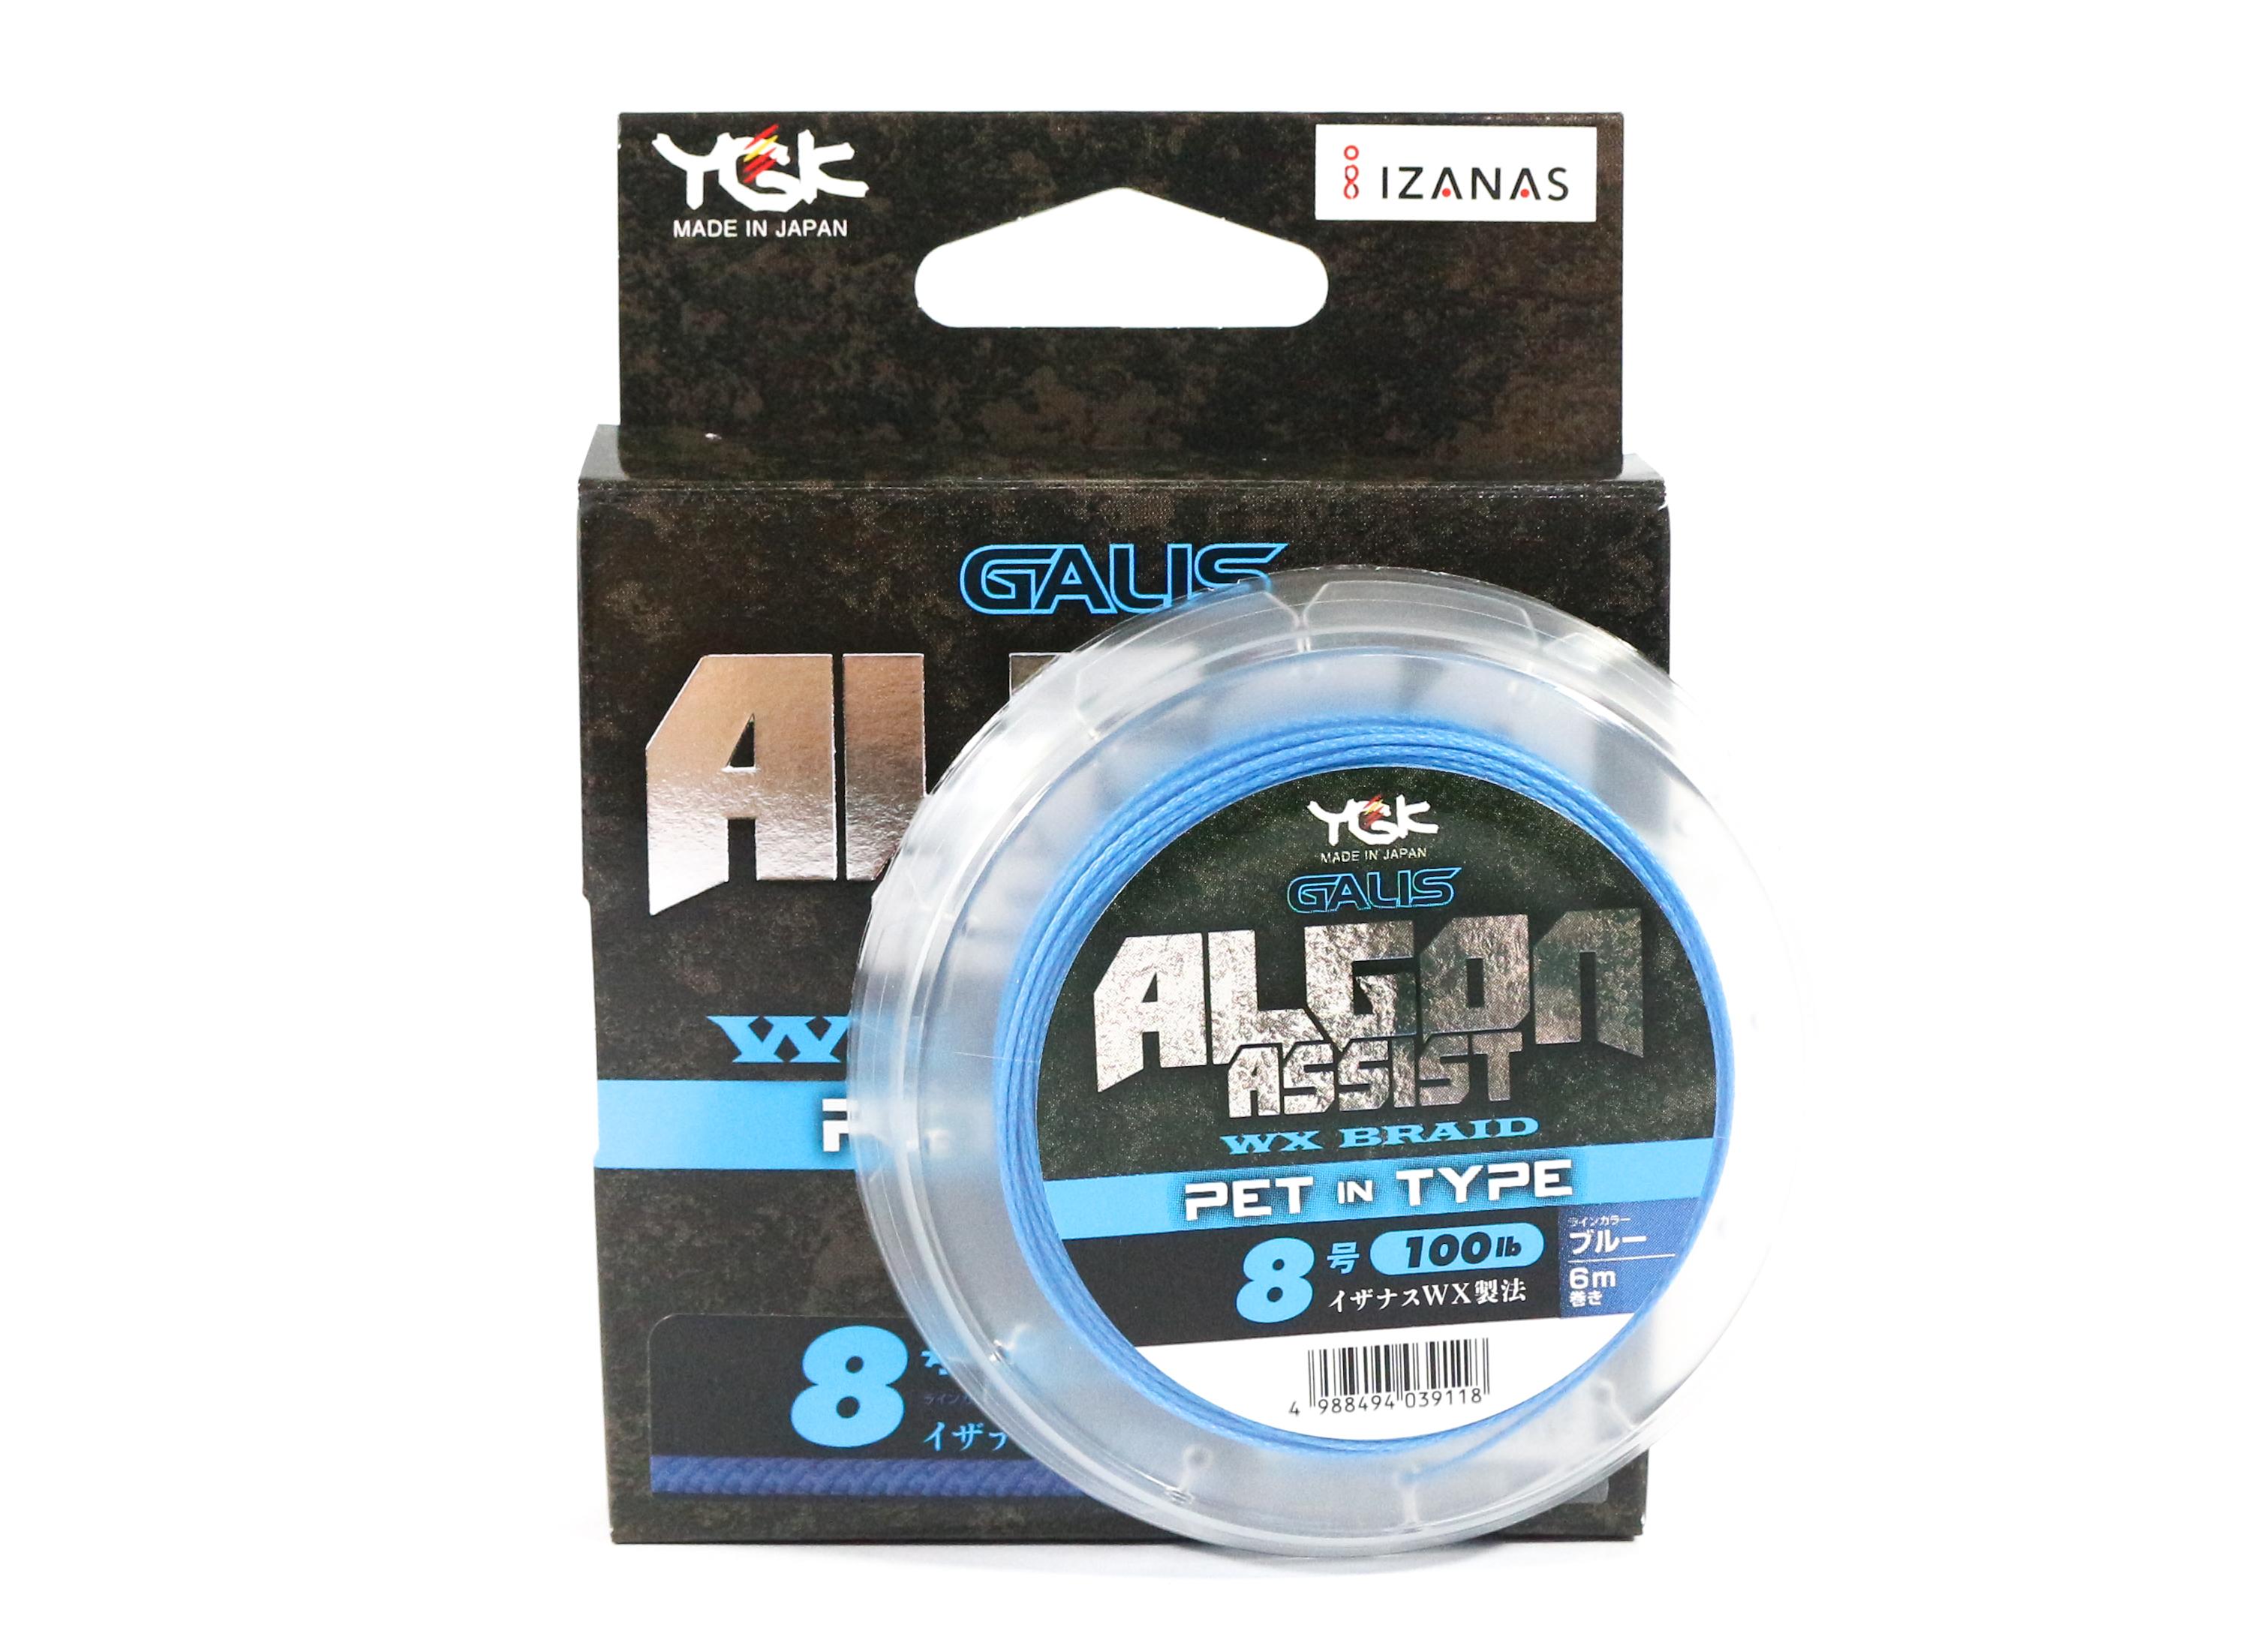 YGK Algon Assist WX Braid PET in Type 6m Size 8, 100lb Blue (9118)